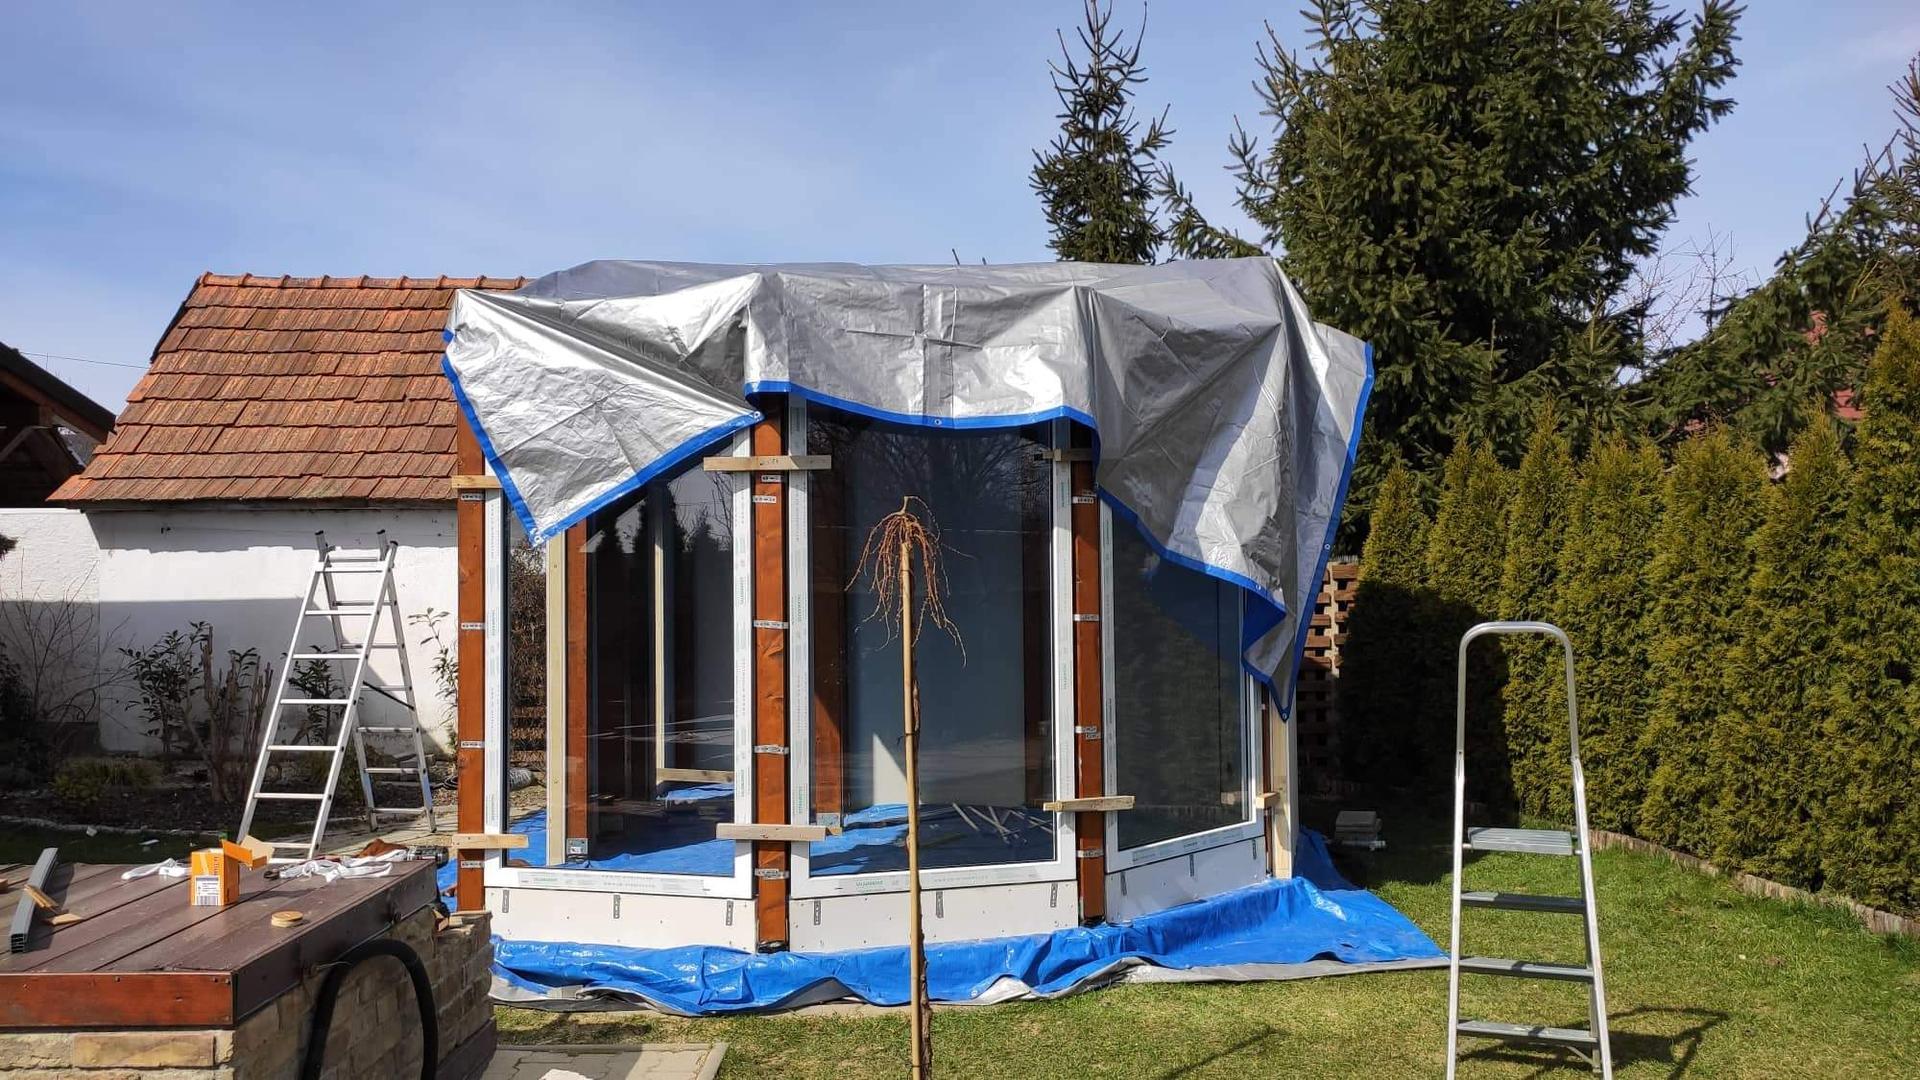 Relaxačný domček sauna a oddychová miestnosť ... plány, príprava a realizácia - Obrázok č. 81